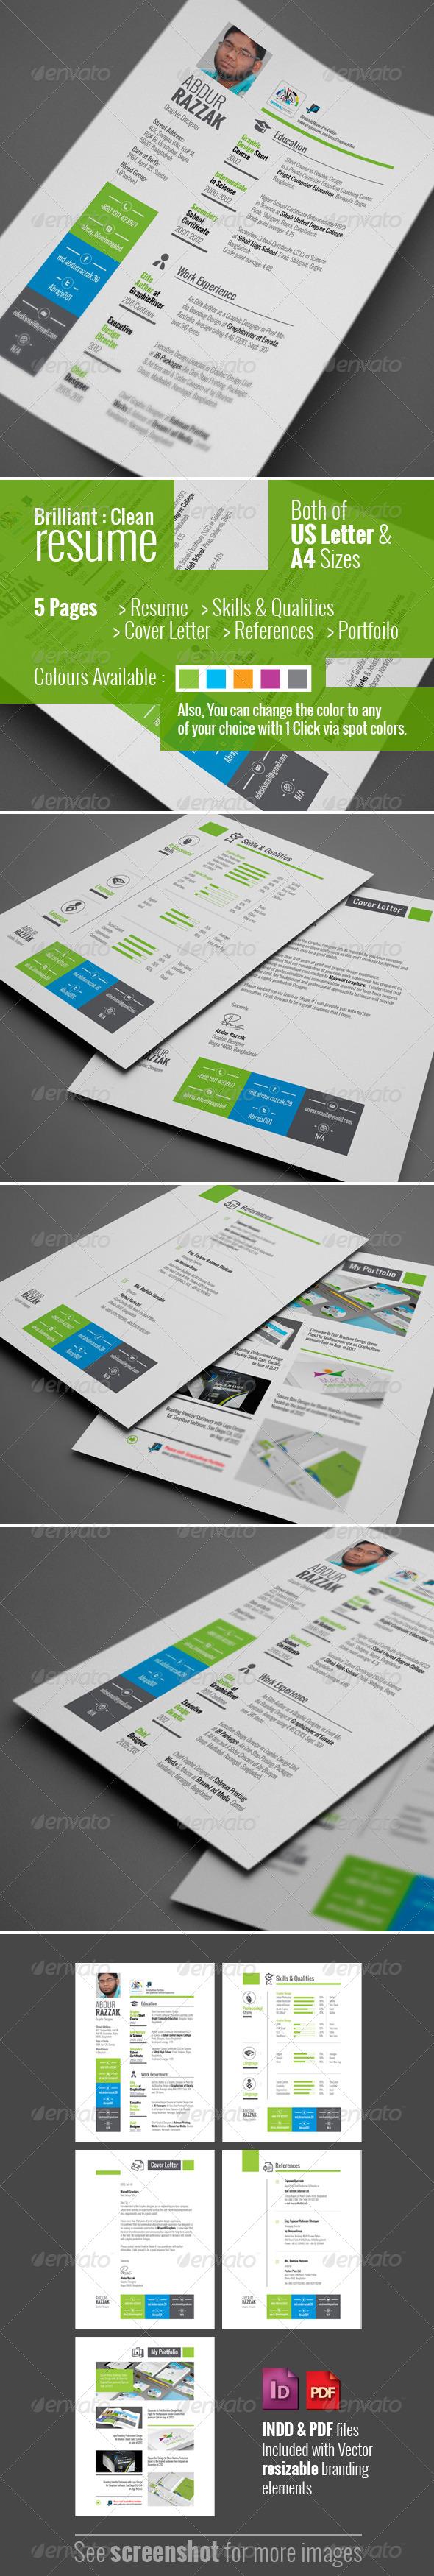 GraphicRiver Brilliant Clean Resume 5732631